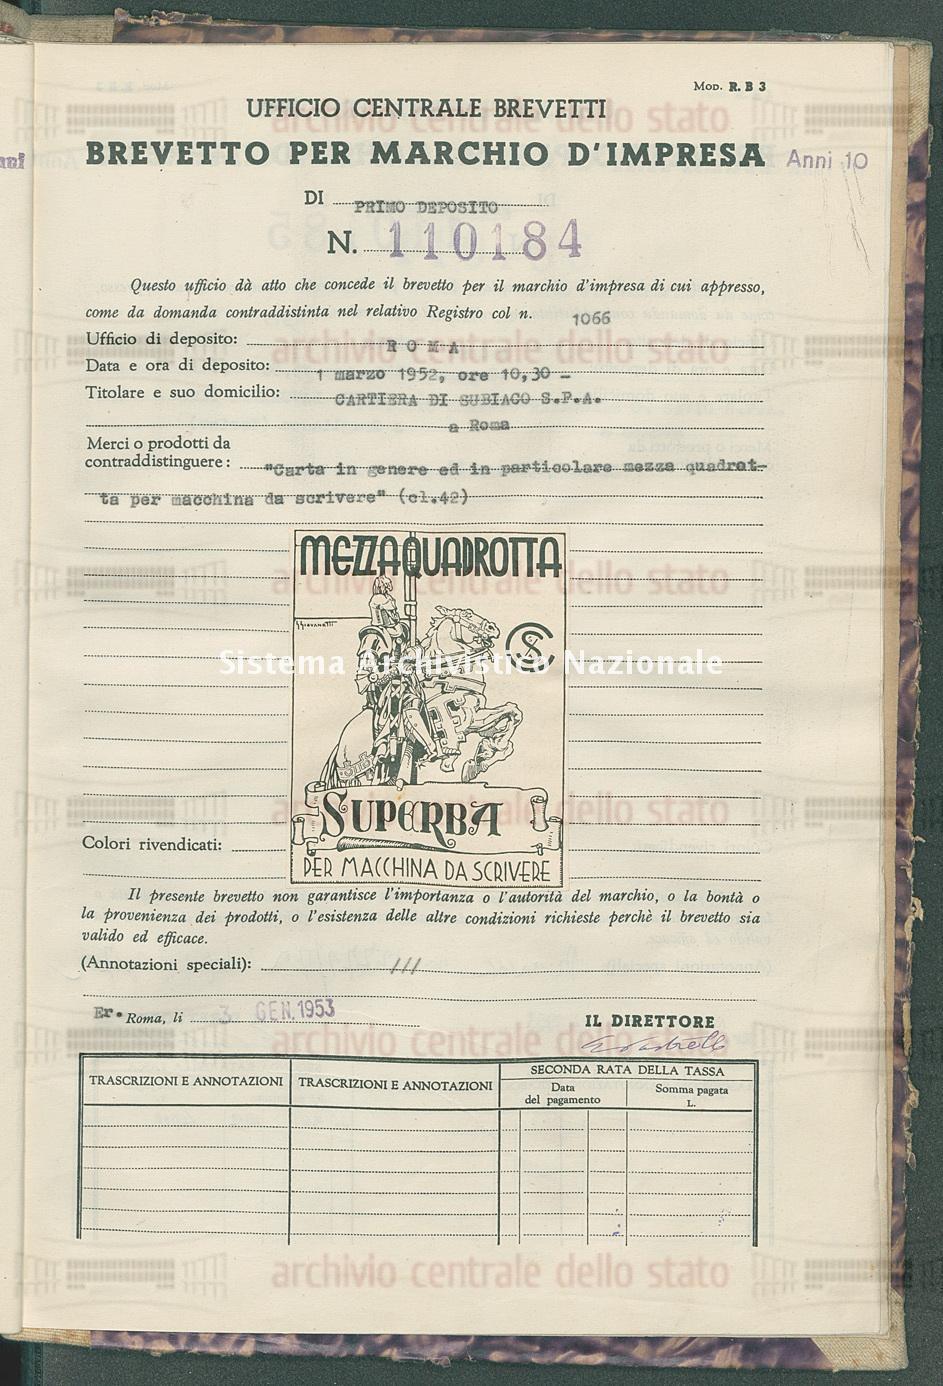 'Carta in genere ed in particolare mezza quadretta ecc. Cartiera Di Subiaco S.P.A. (03/01/1953)